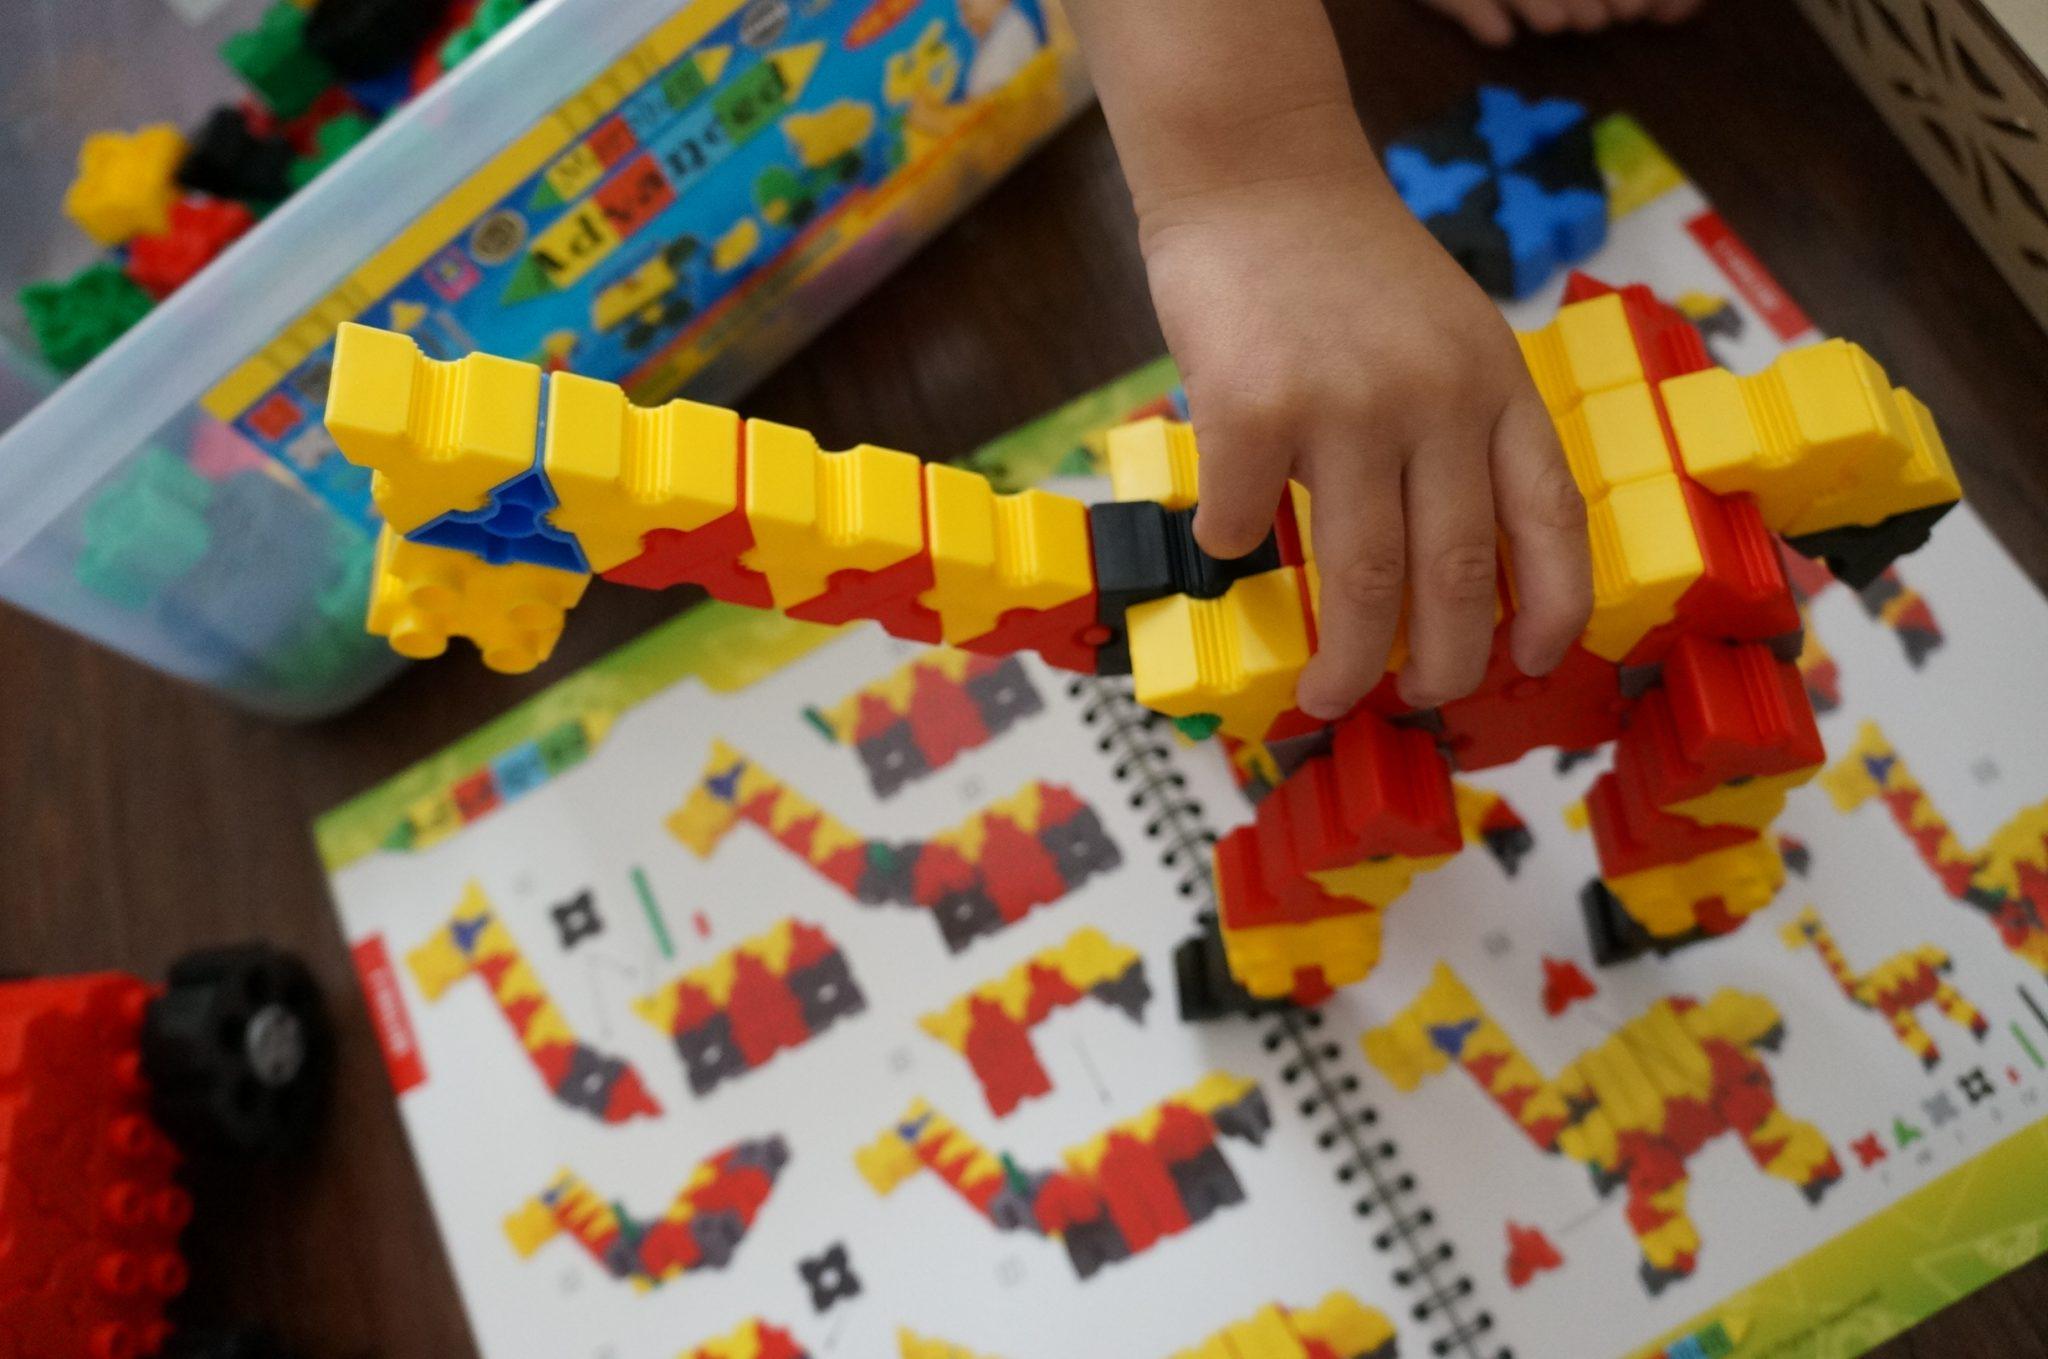 Untuk anak berusia 4 5 tahun sudah bisa mulai dikenalkan dengan tingkat mainan konstruksi yang lebih detil dan membutuhkan presisi serta kemampuan motorik